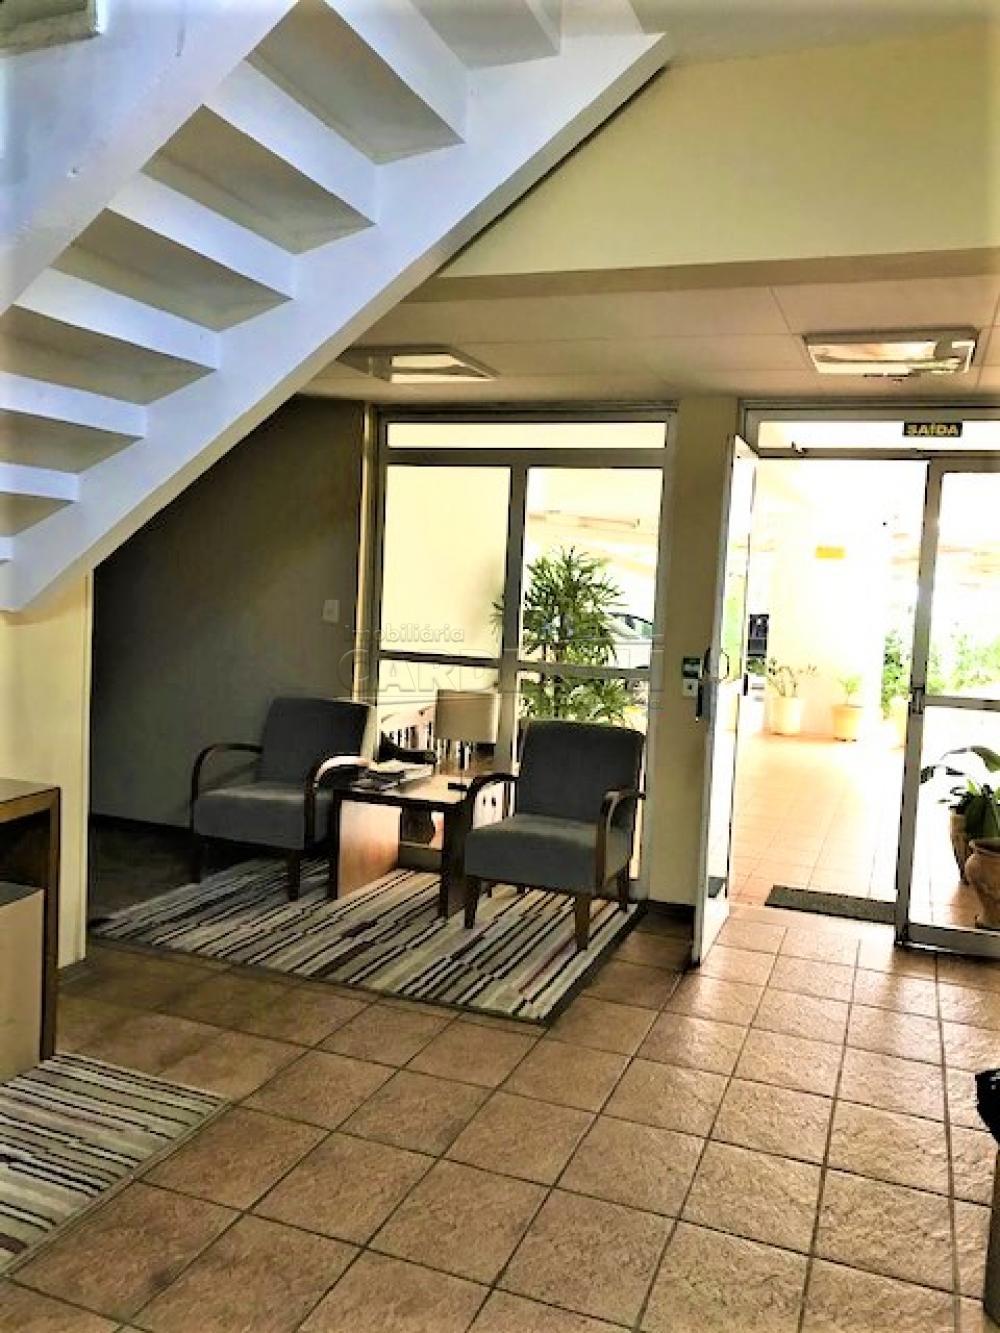 Comprar Apartamento / Padrão em São Carlos R$ 370.000,00 - Foto 5